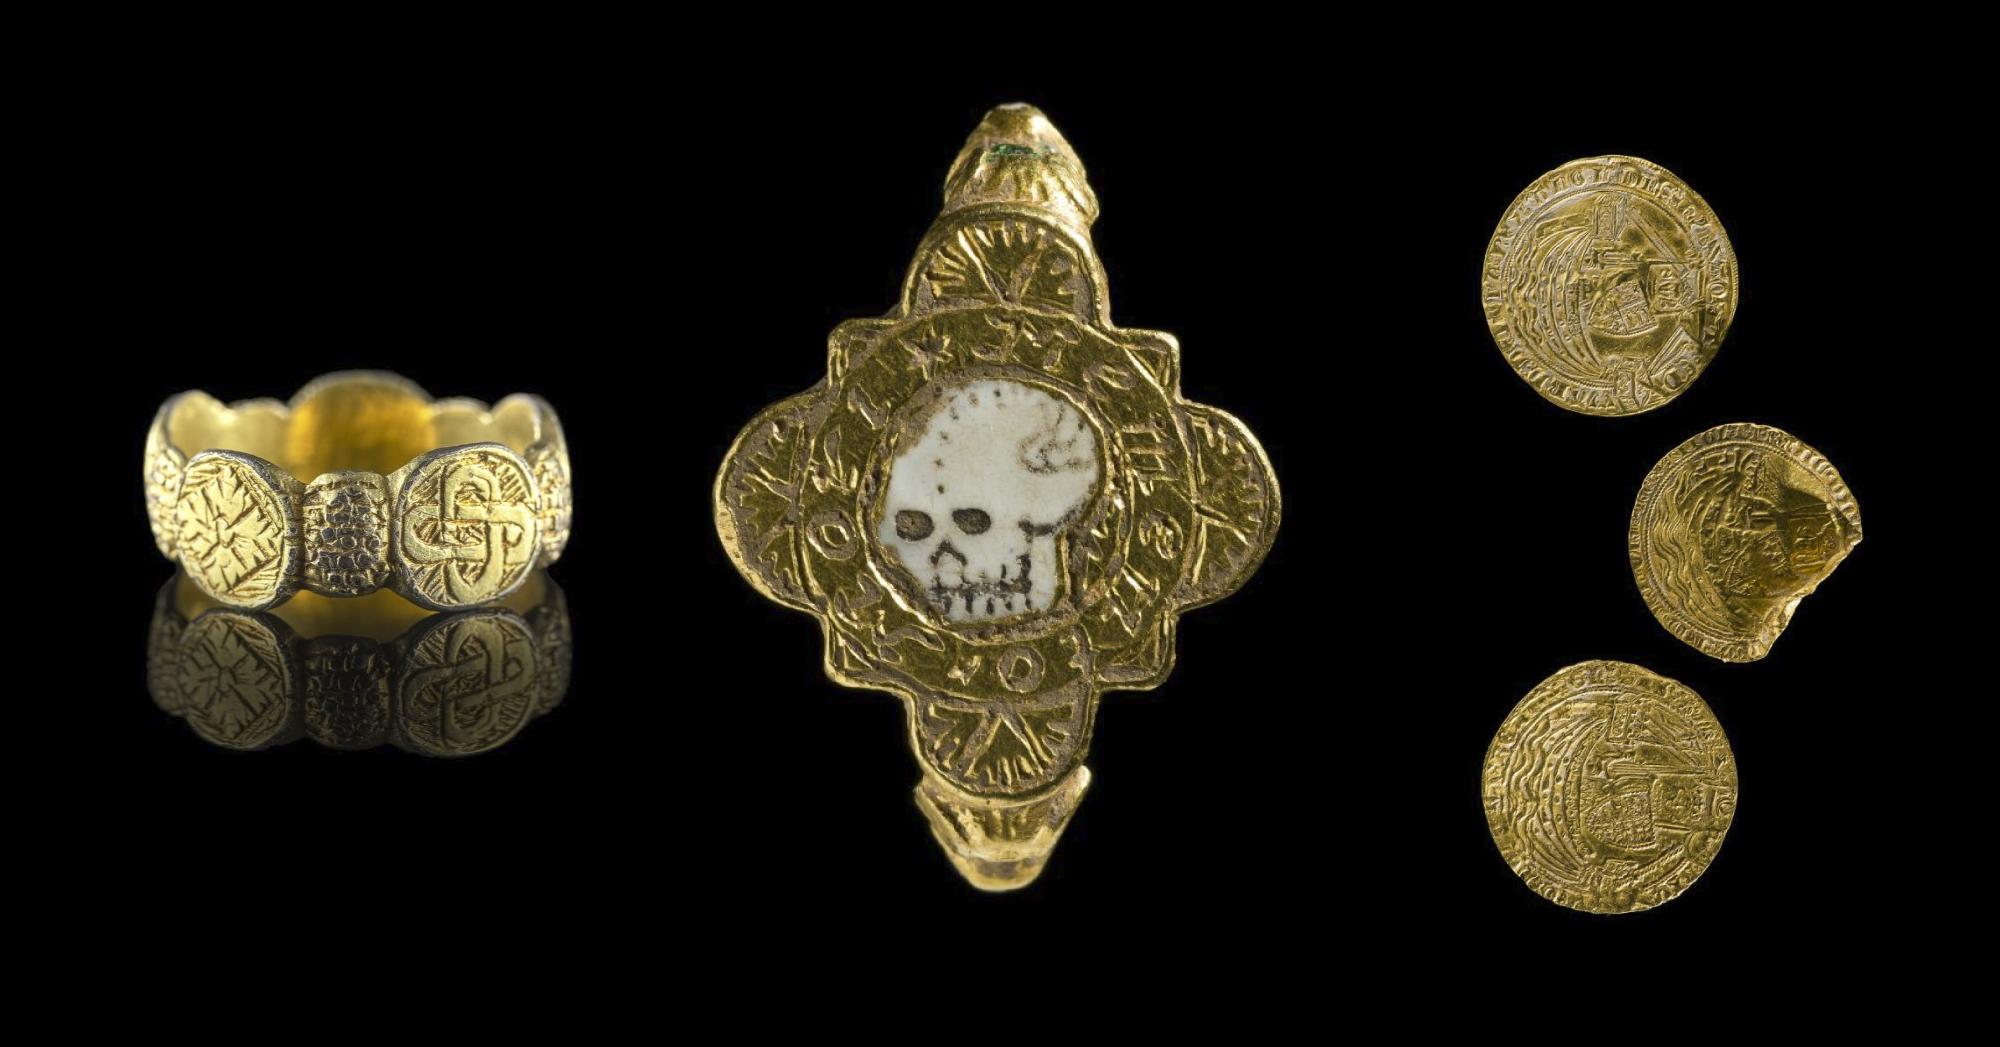 Аматори з металошукачами знайшли середньовічне кільце з черепом